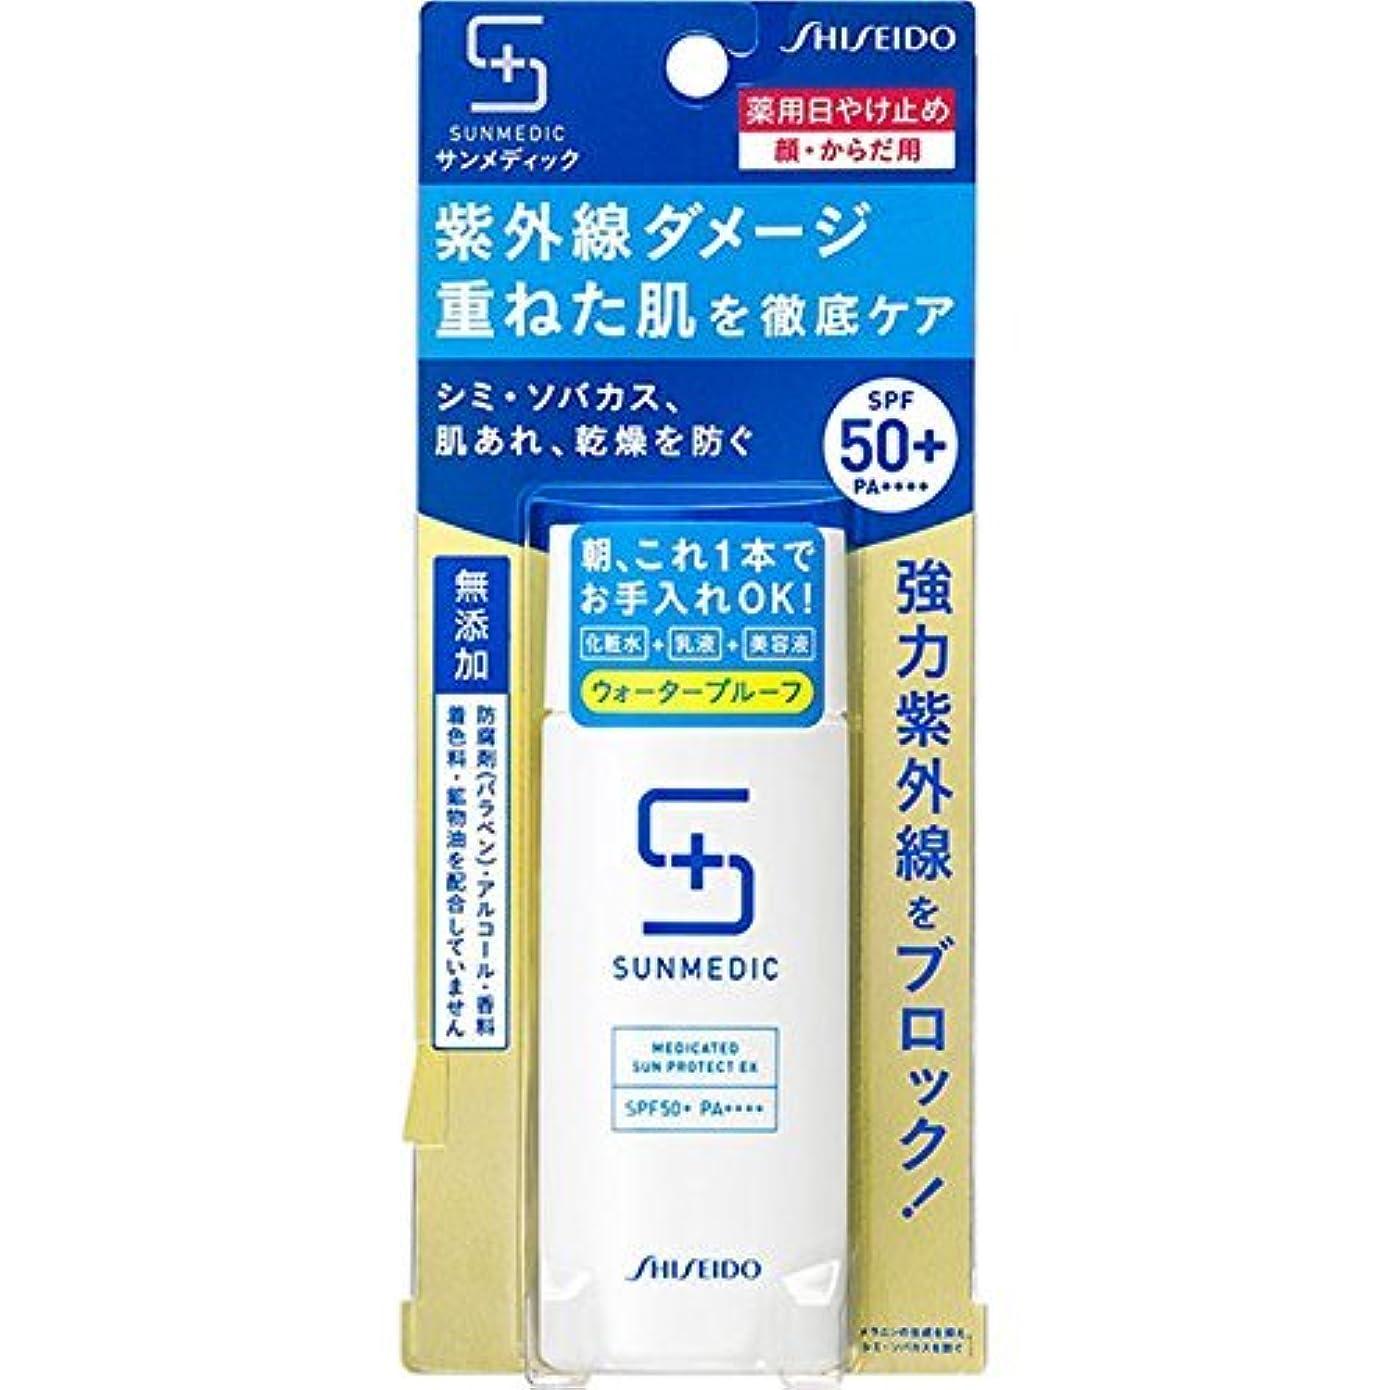 ファッションフェンス回復MK サンメディックUV 薬用サンプロテクトEX 50mL (医薬部外品)